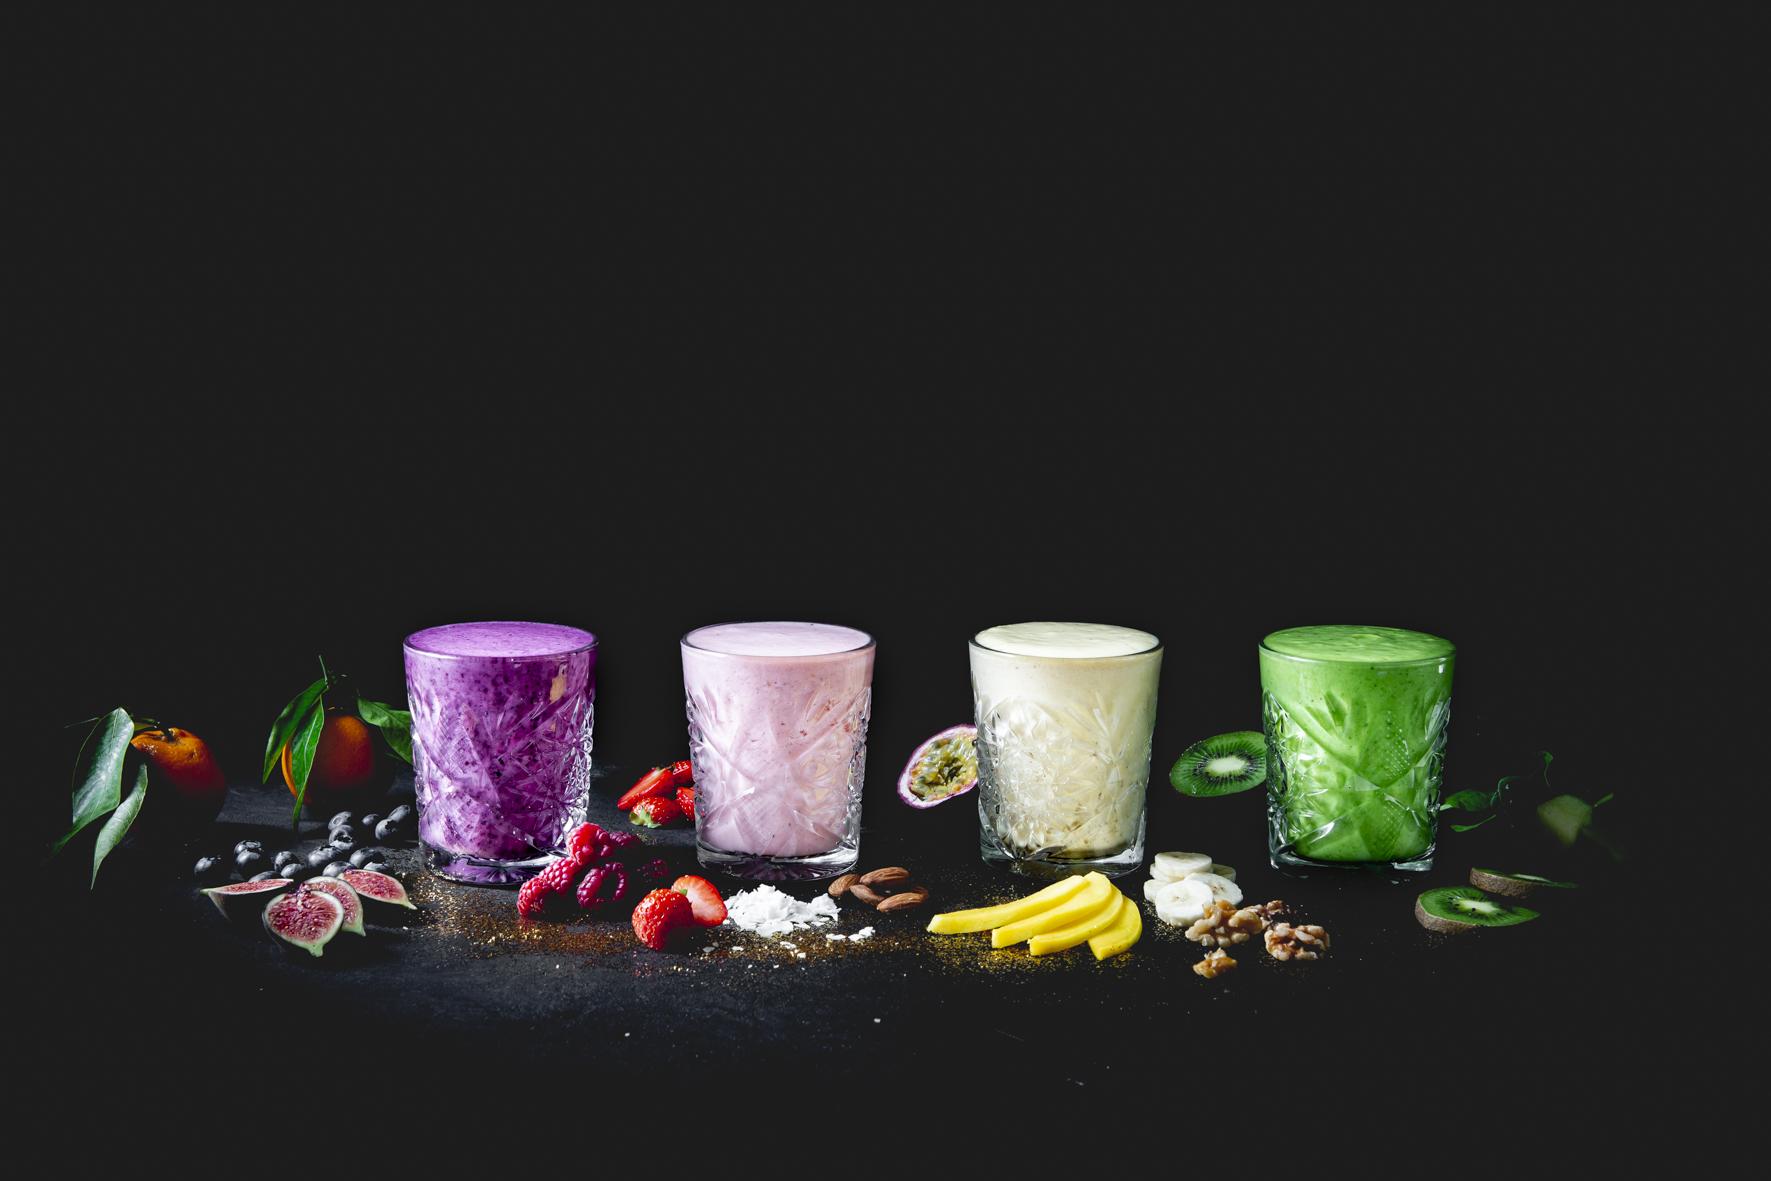 De Beste Verliezer - Stefanie Spoelder Food Photography - Henk-Jan Koershuis